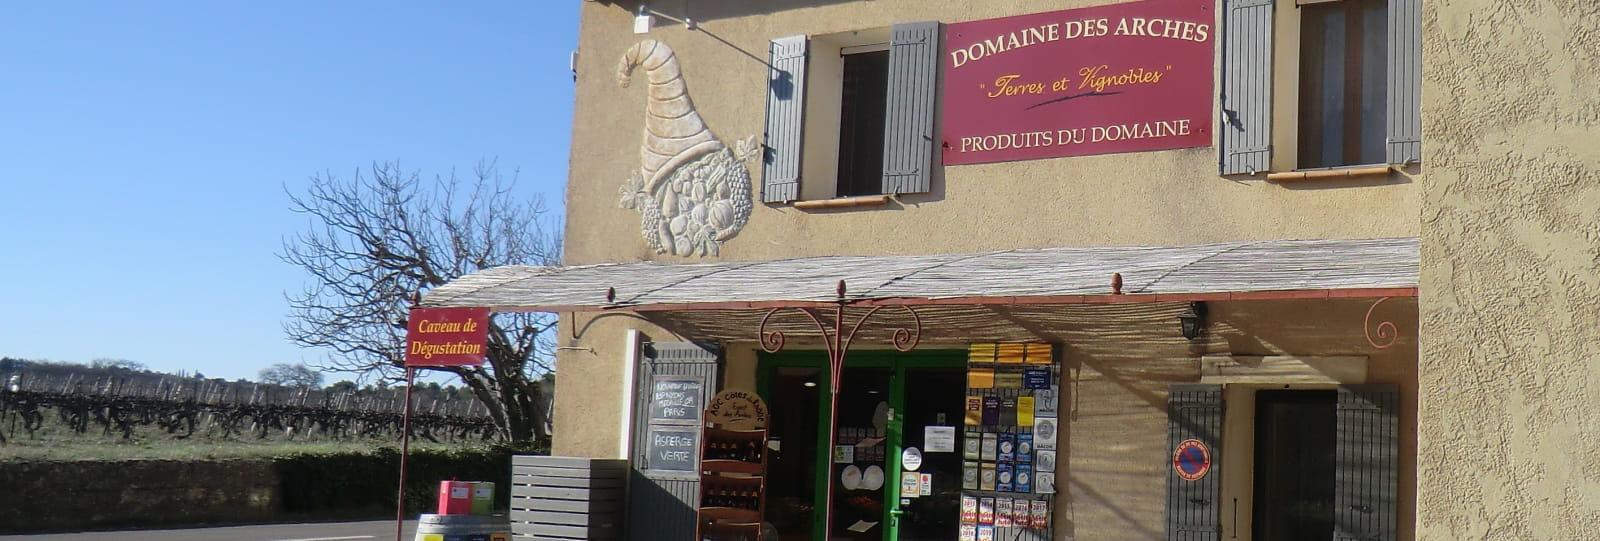 Domaine des Arches